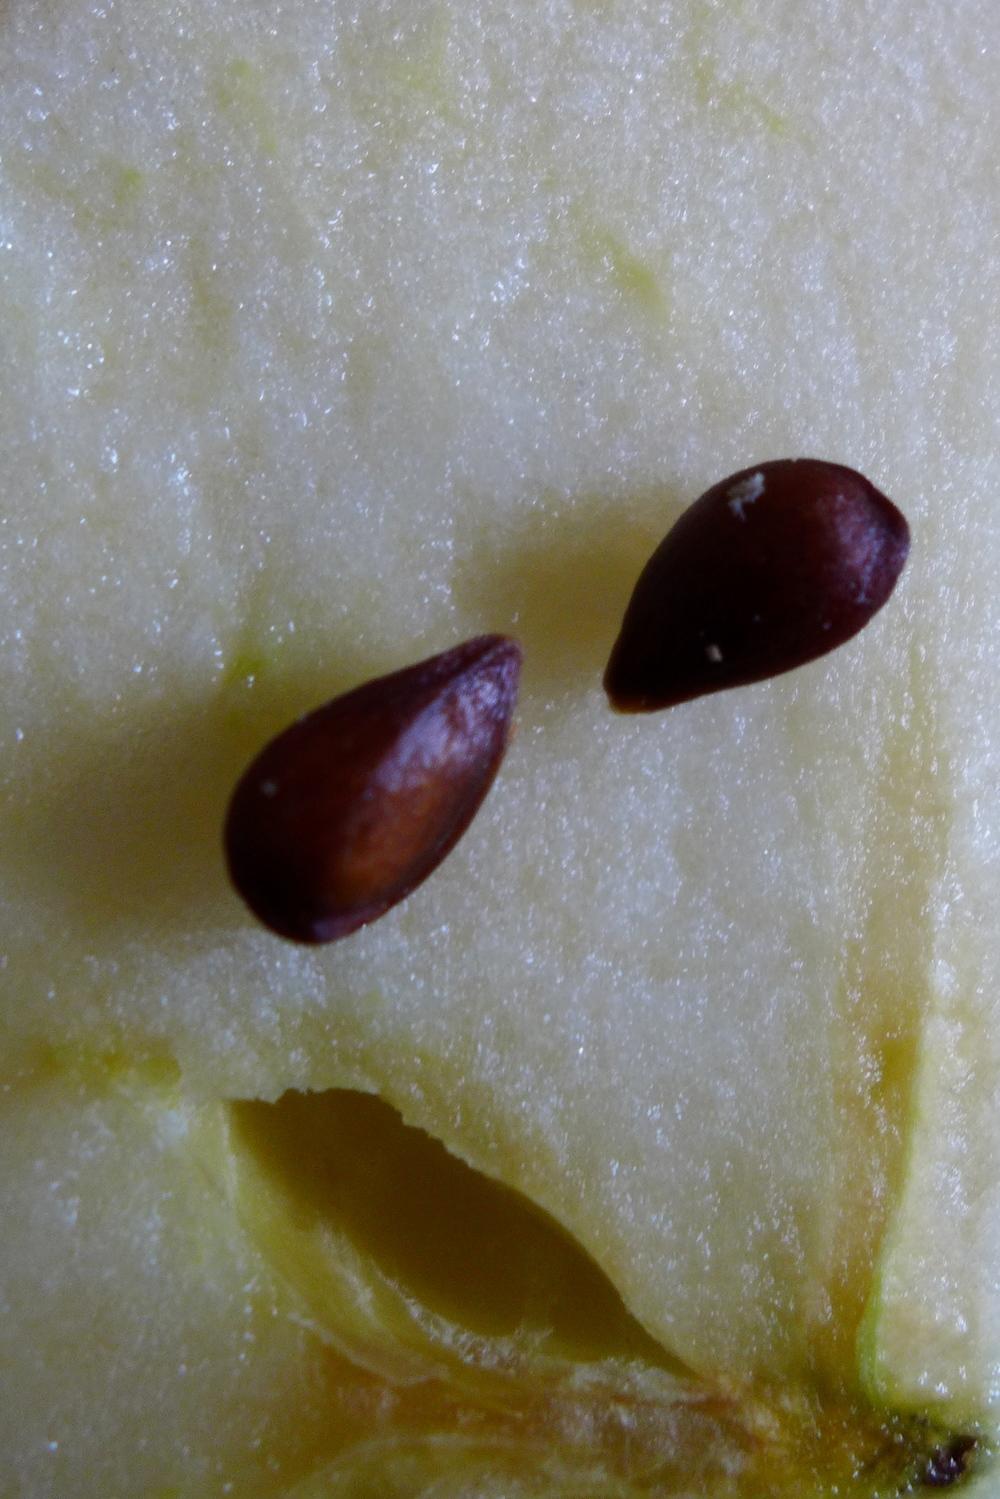 Zwei Apfelkerne vorsichtig aus dem Putz ausstechen und beiseite legen. Die Apfelkerne werdenals Augen verwendet.